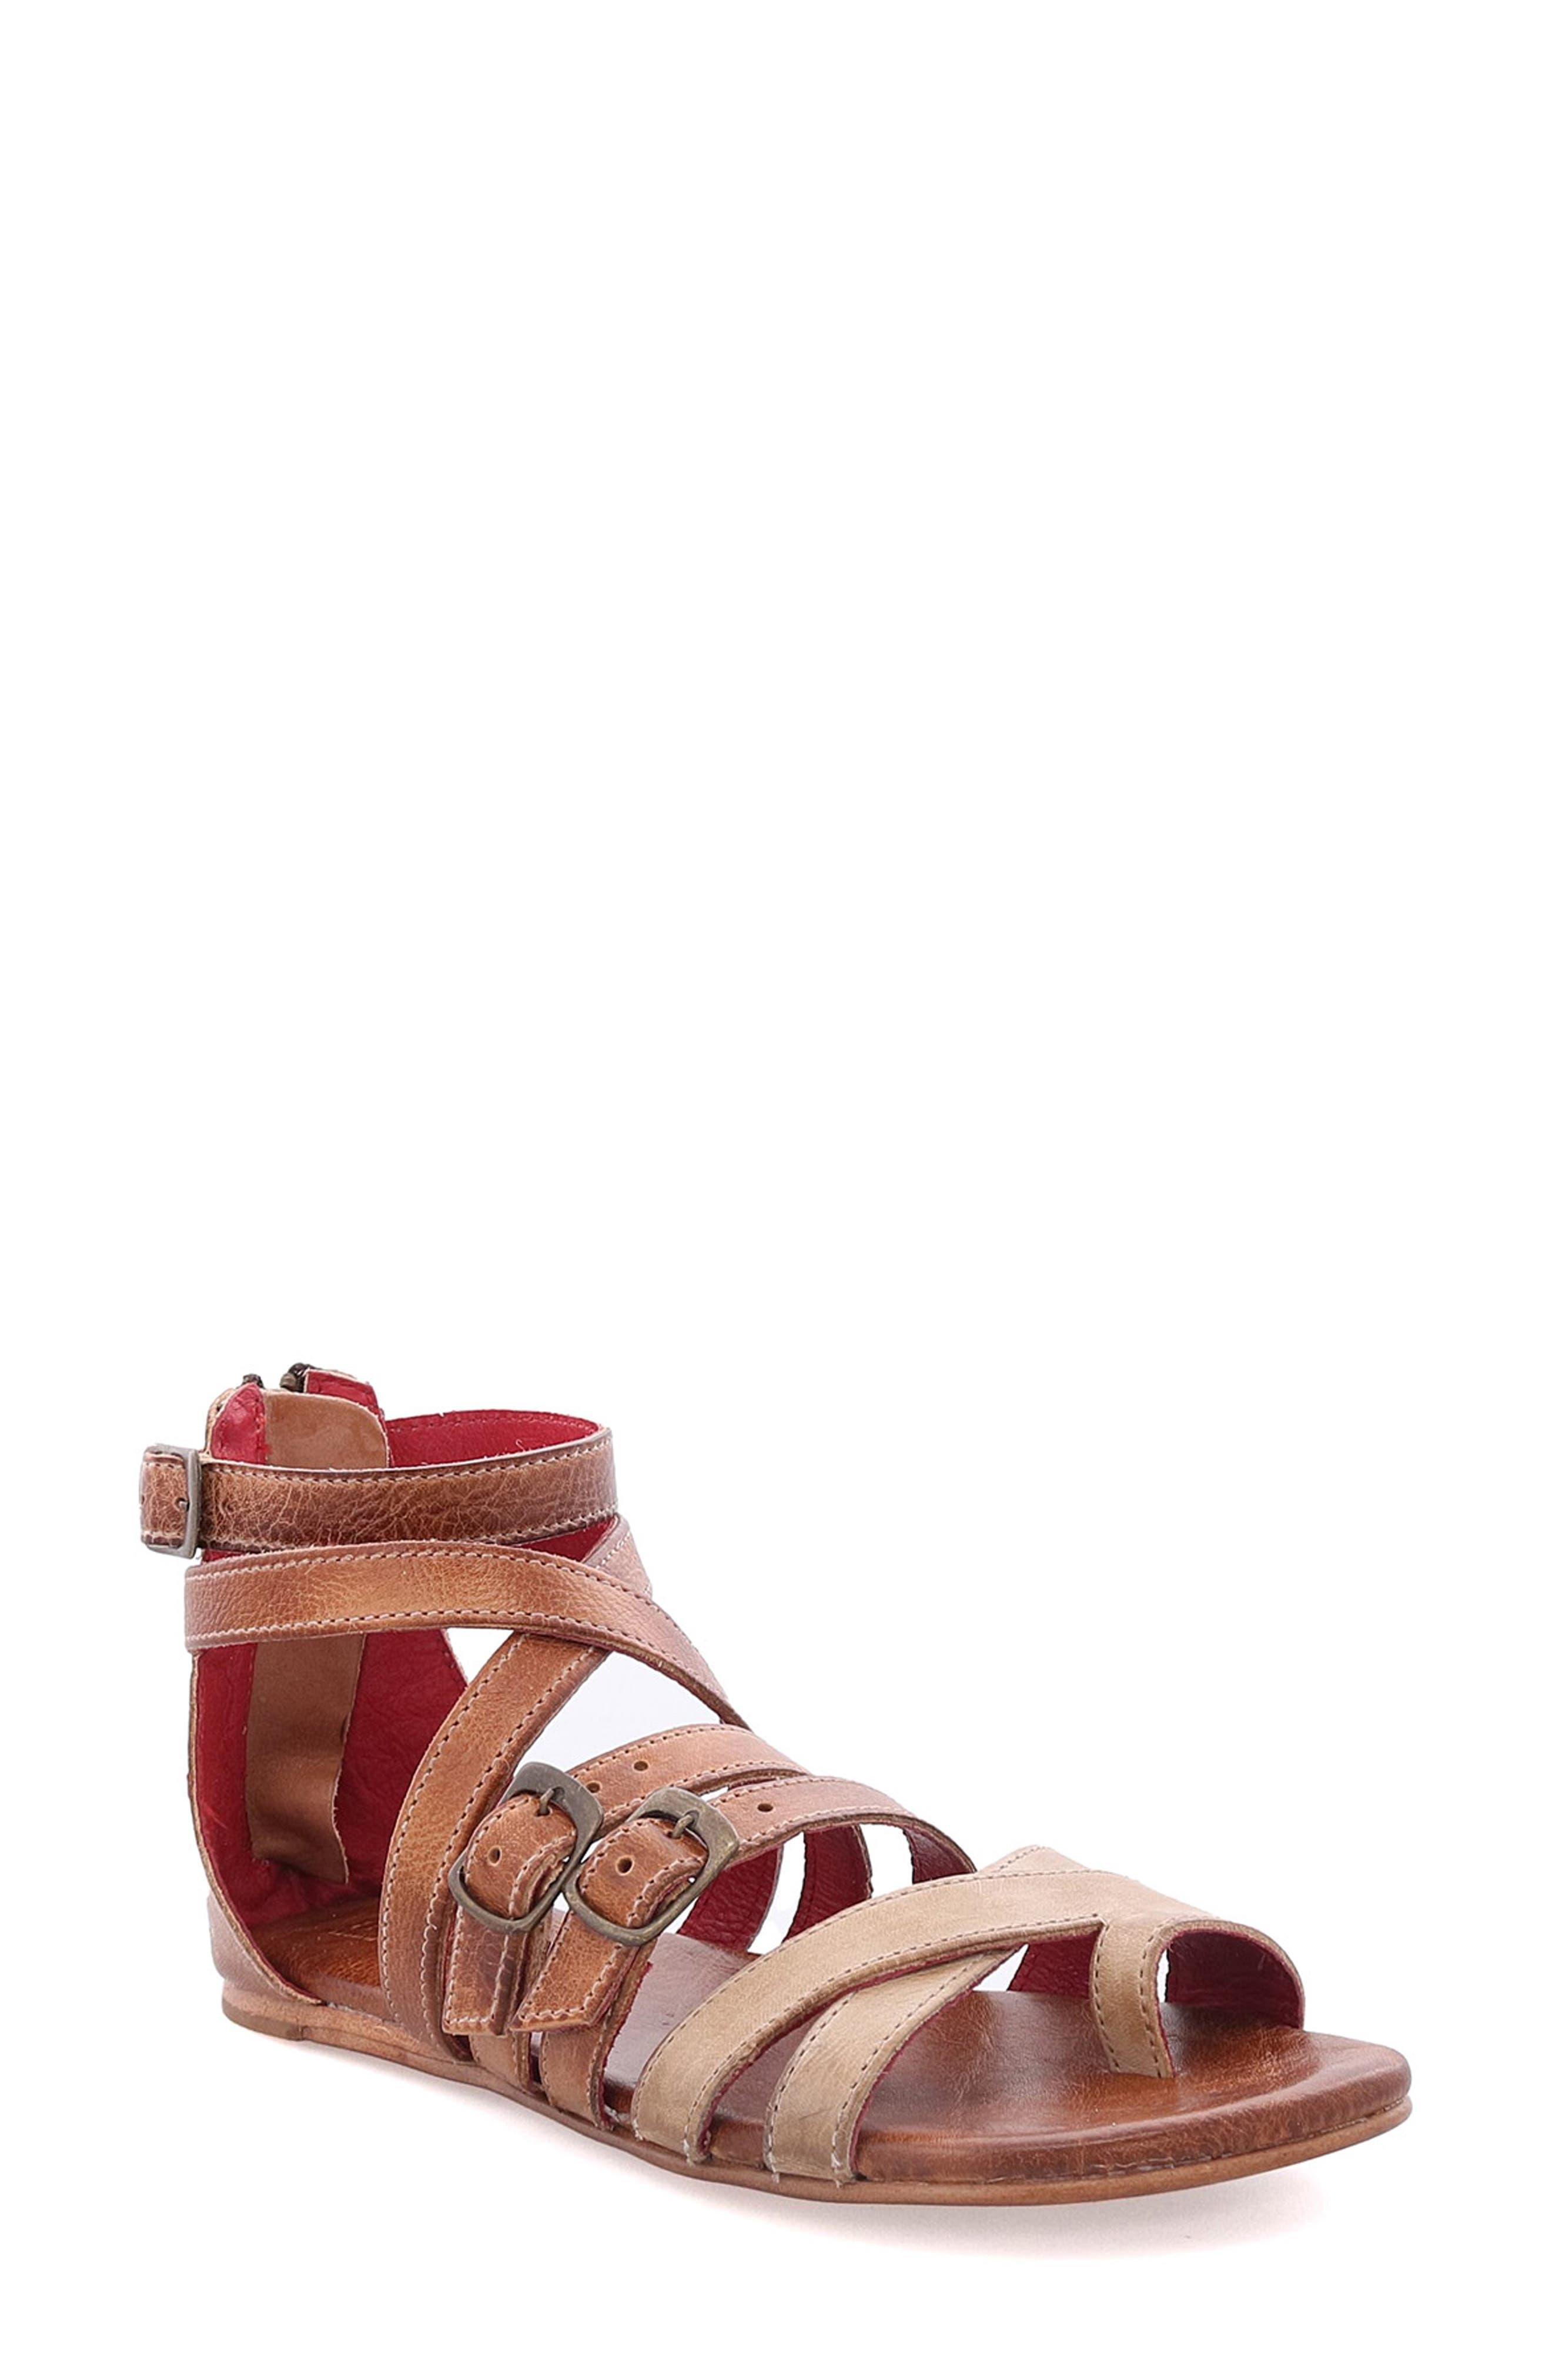 Miya Gladiator Sandal